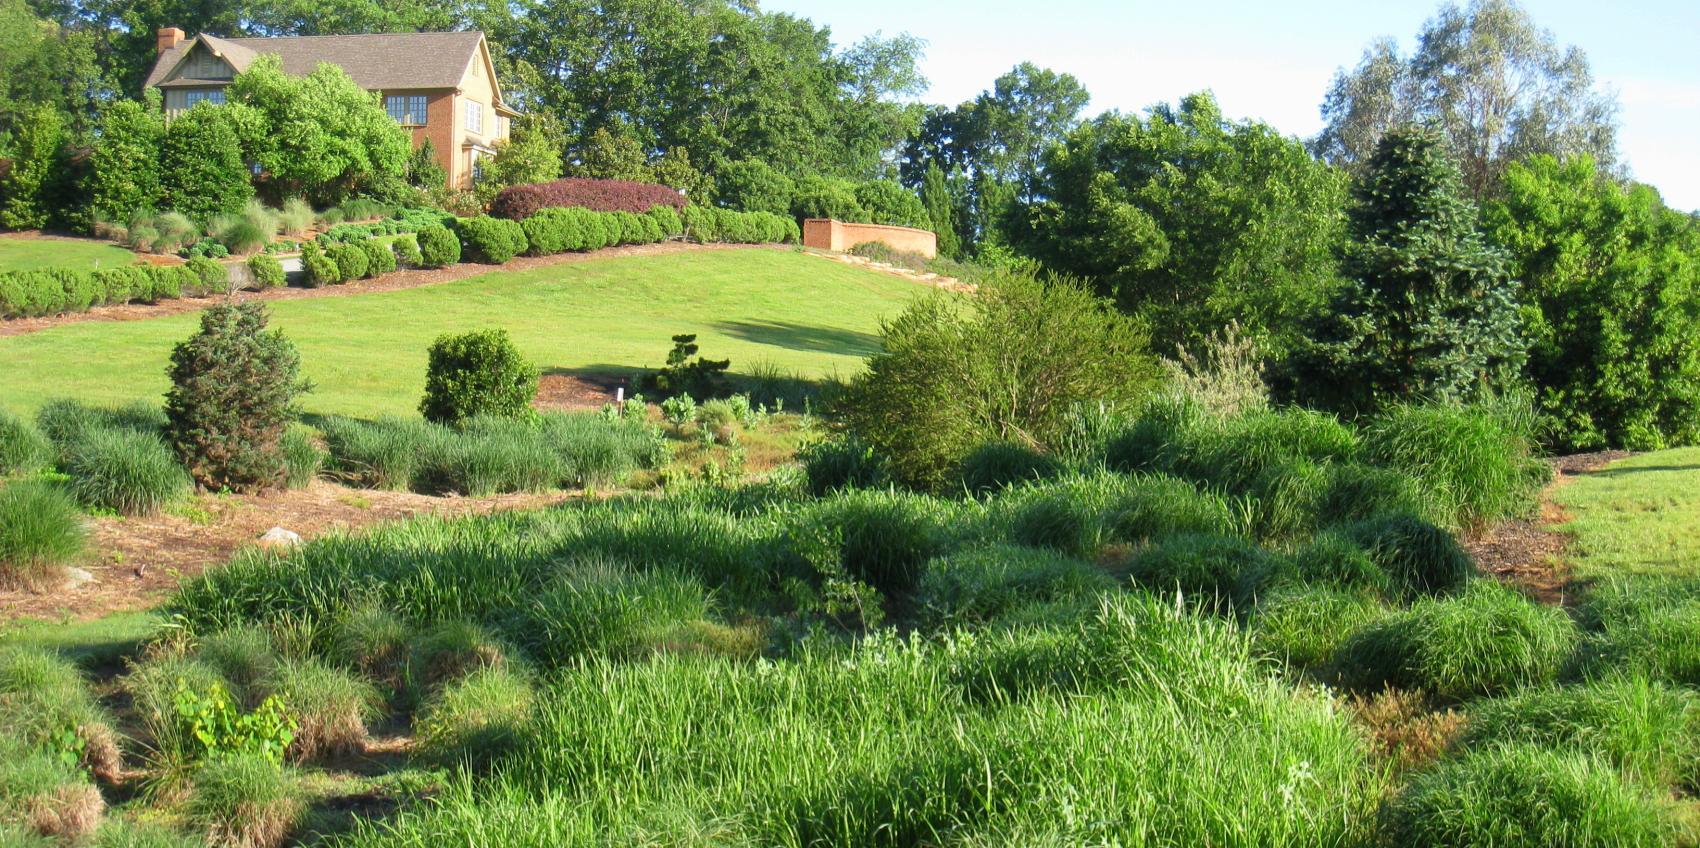 South Carolina Botanical Garden American Public Gardens Association